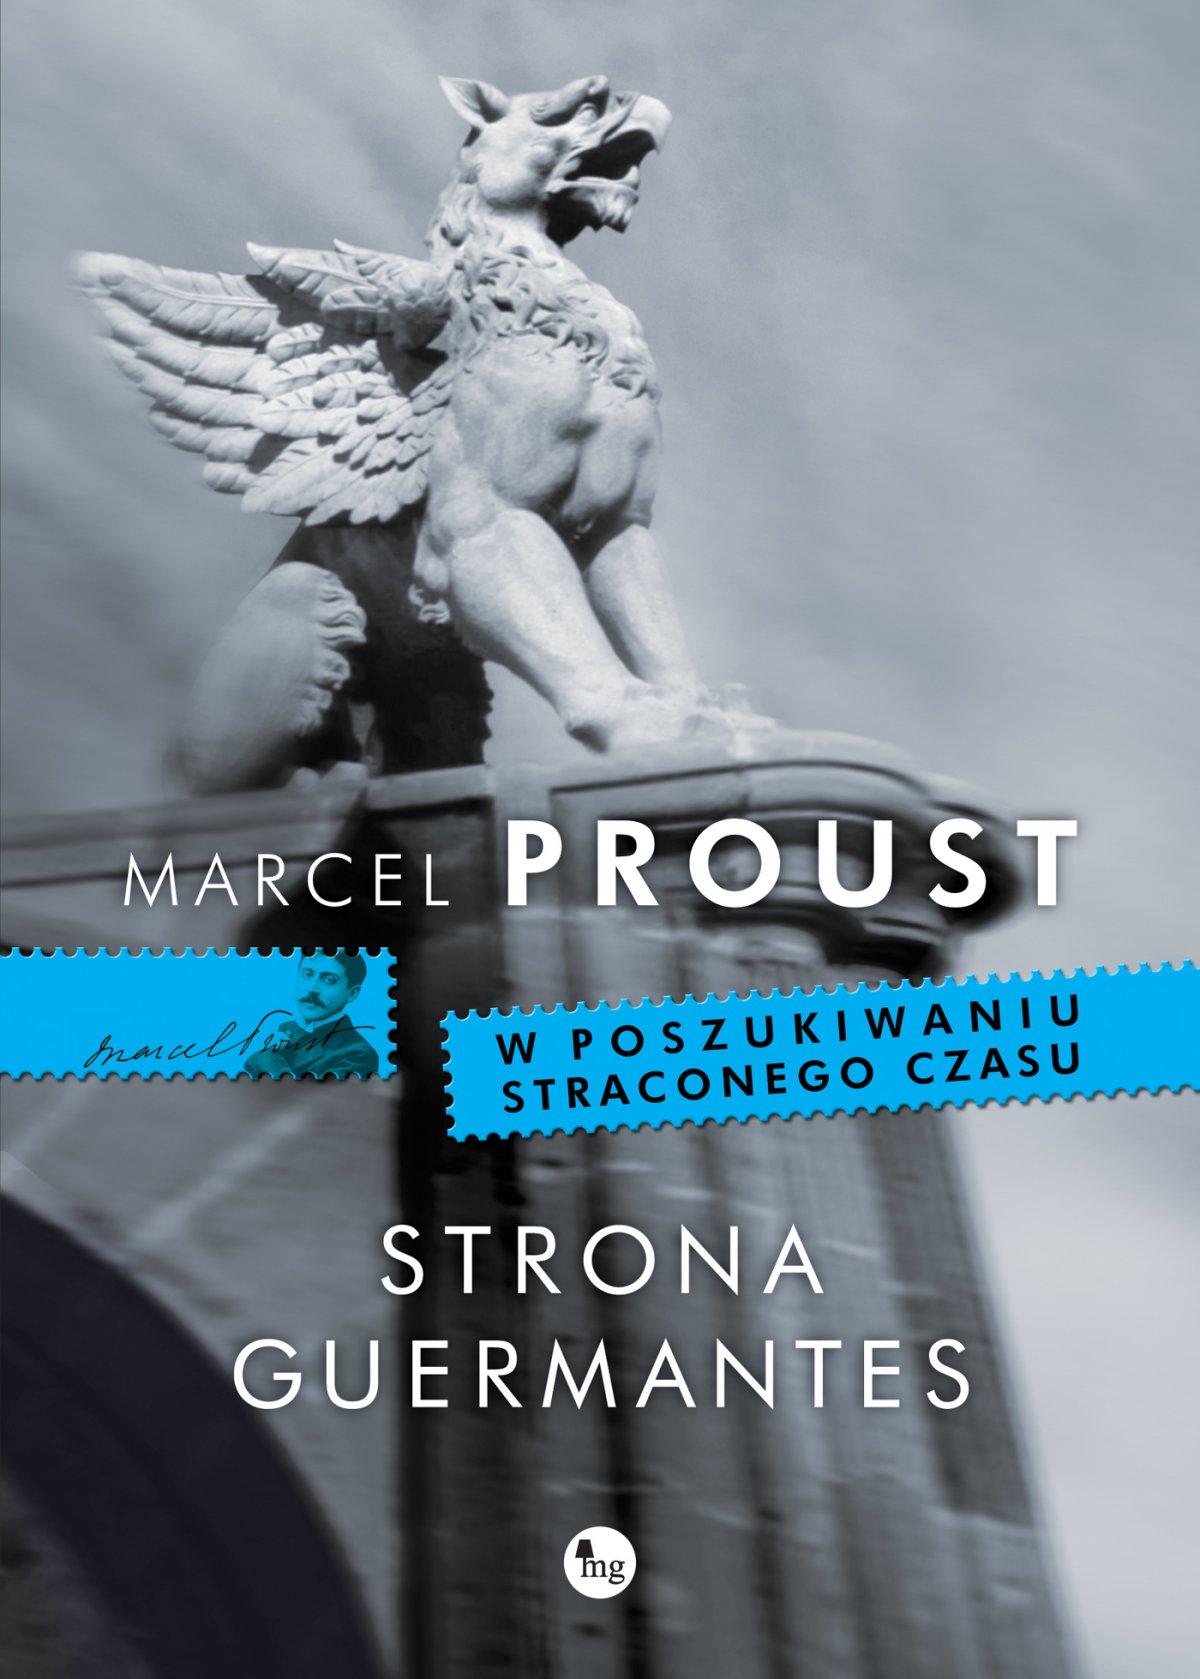 Strona Guermantes - Ebook (Książka na Kindle) do pobrania w formacie MOBI